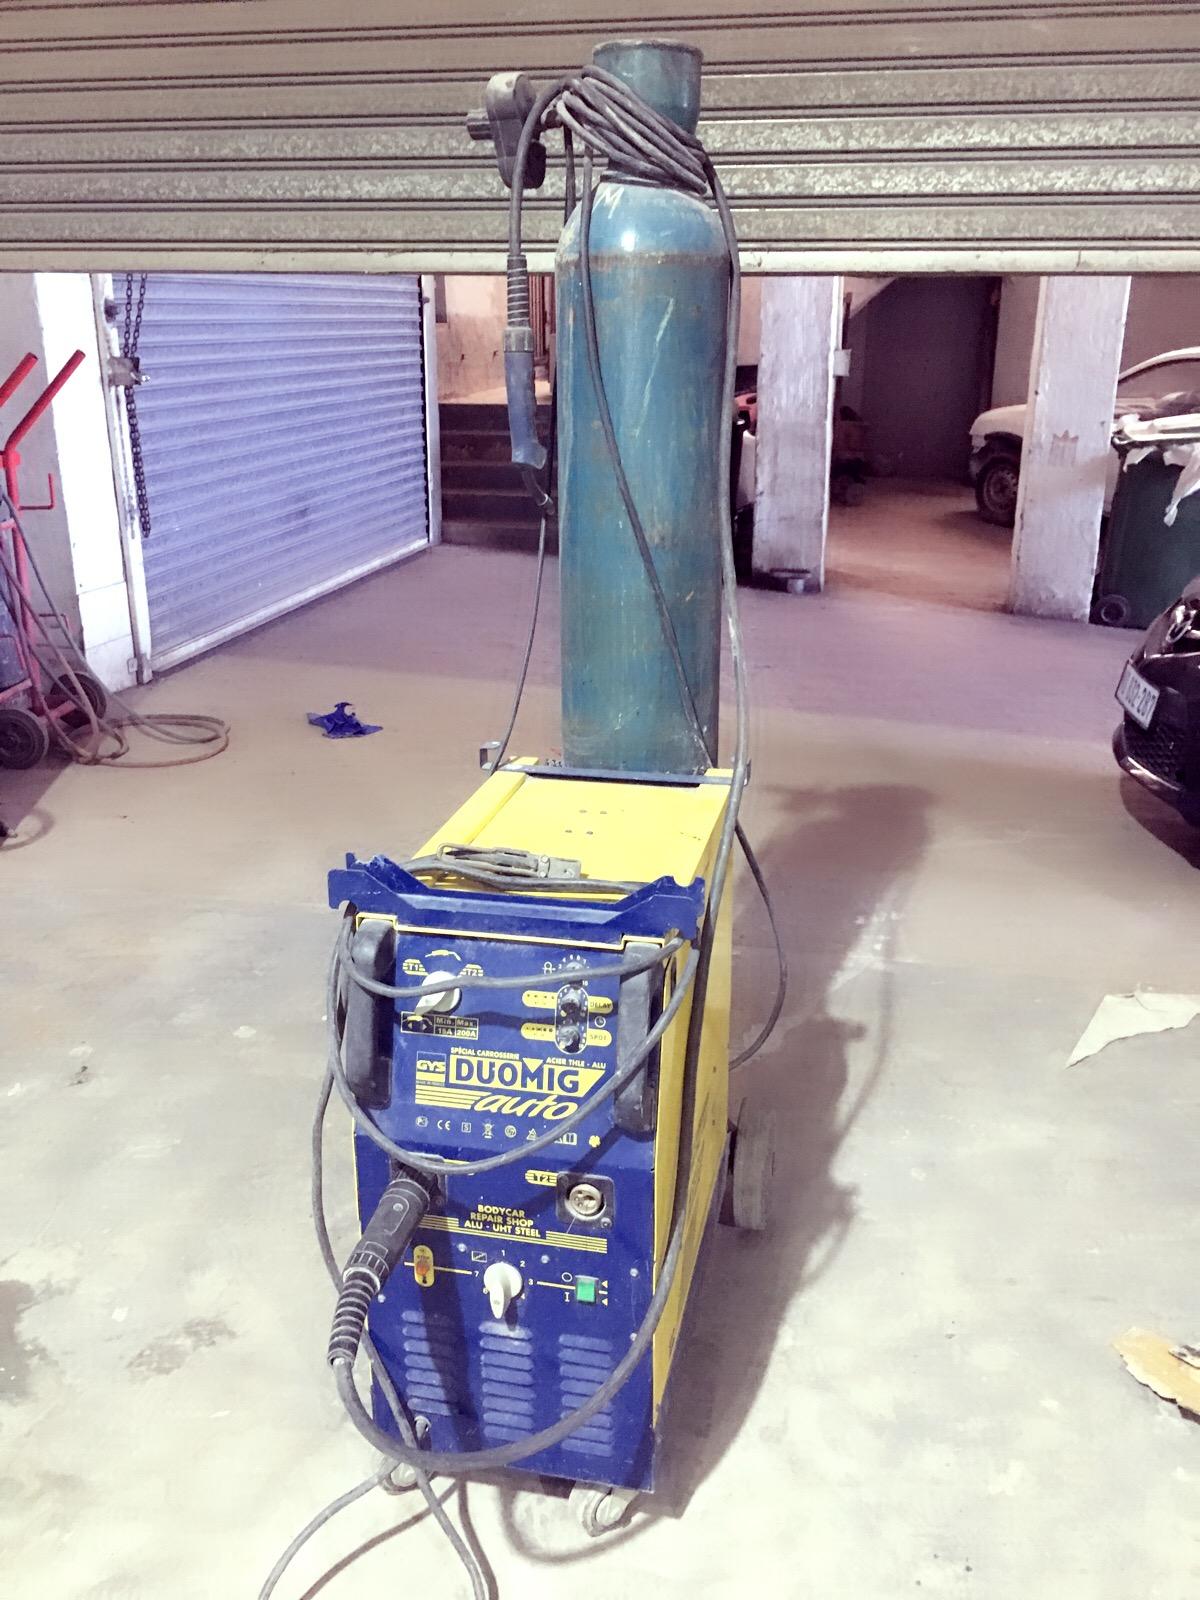 Aluminum brazing machine hardly used